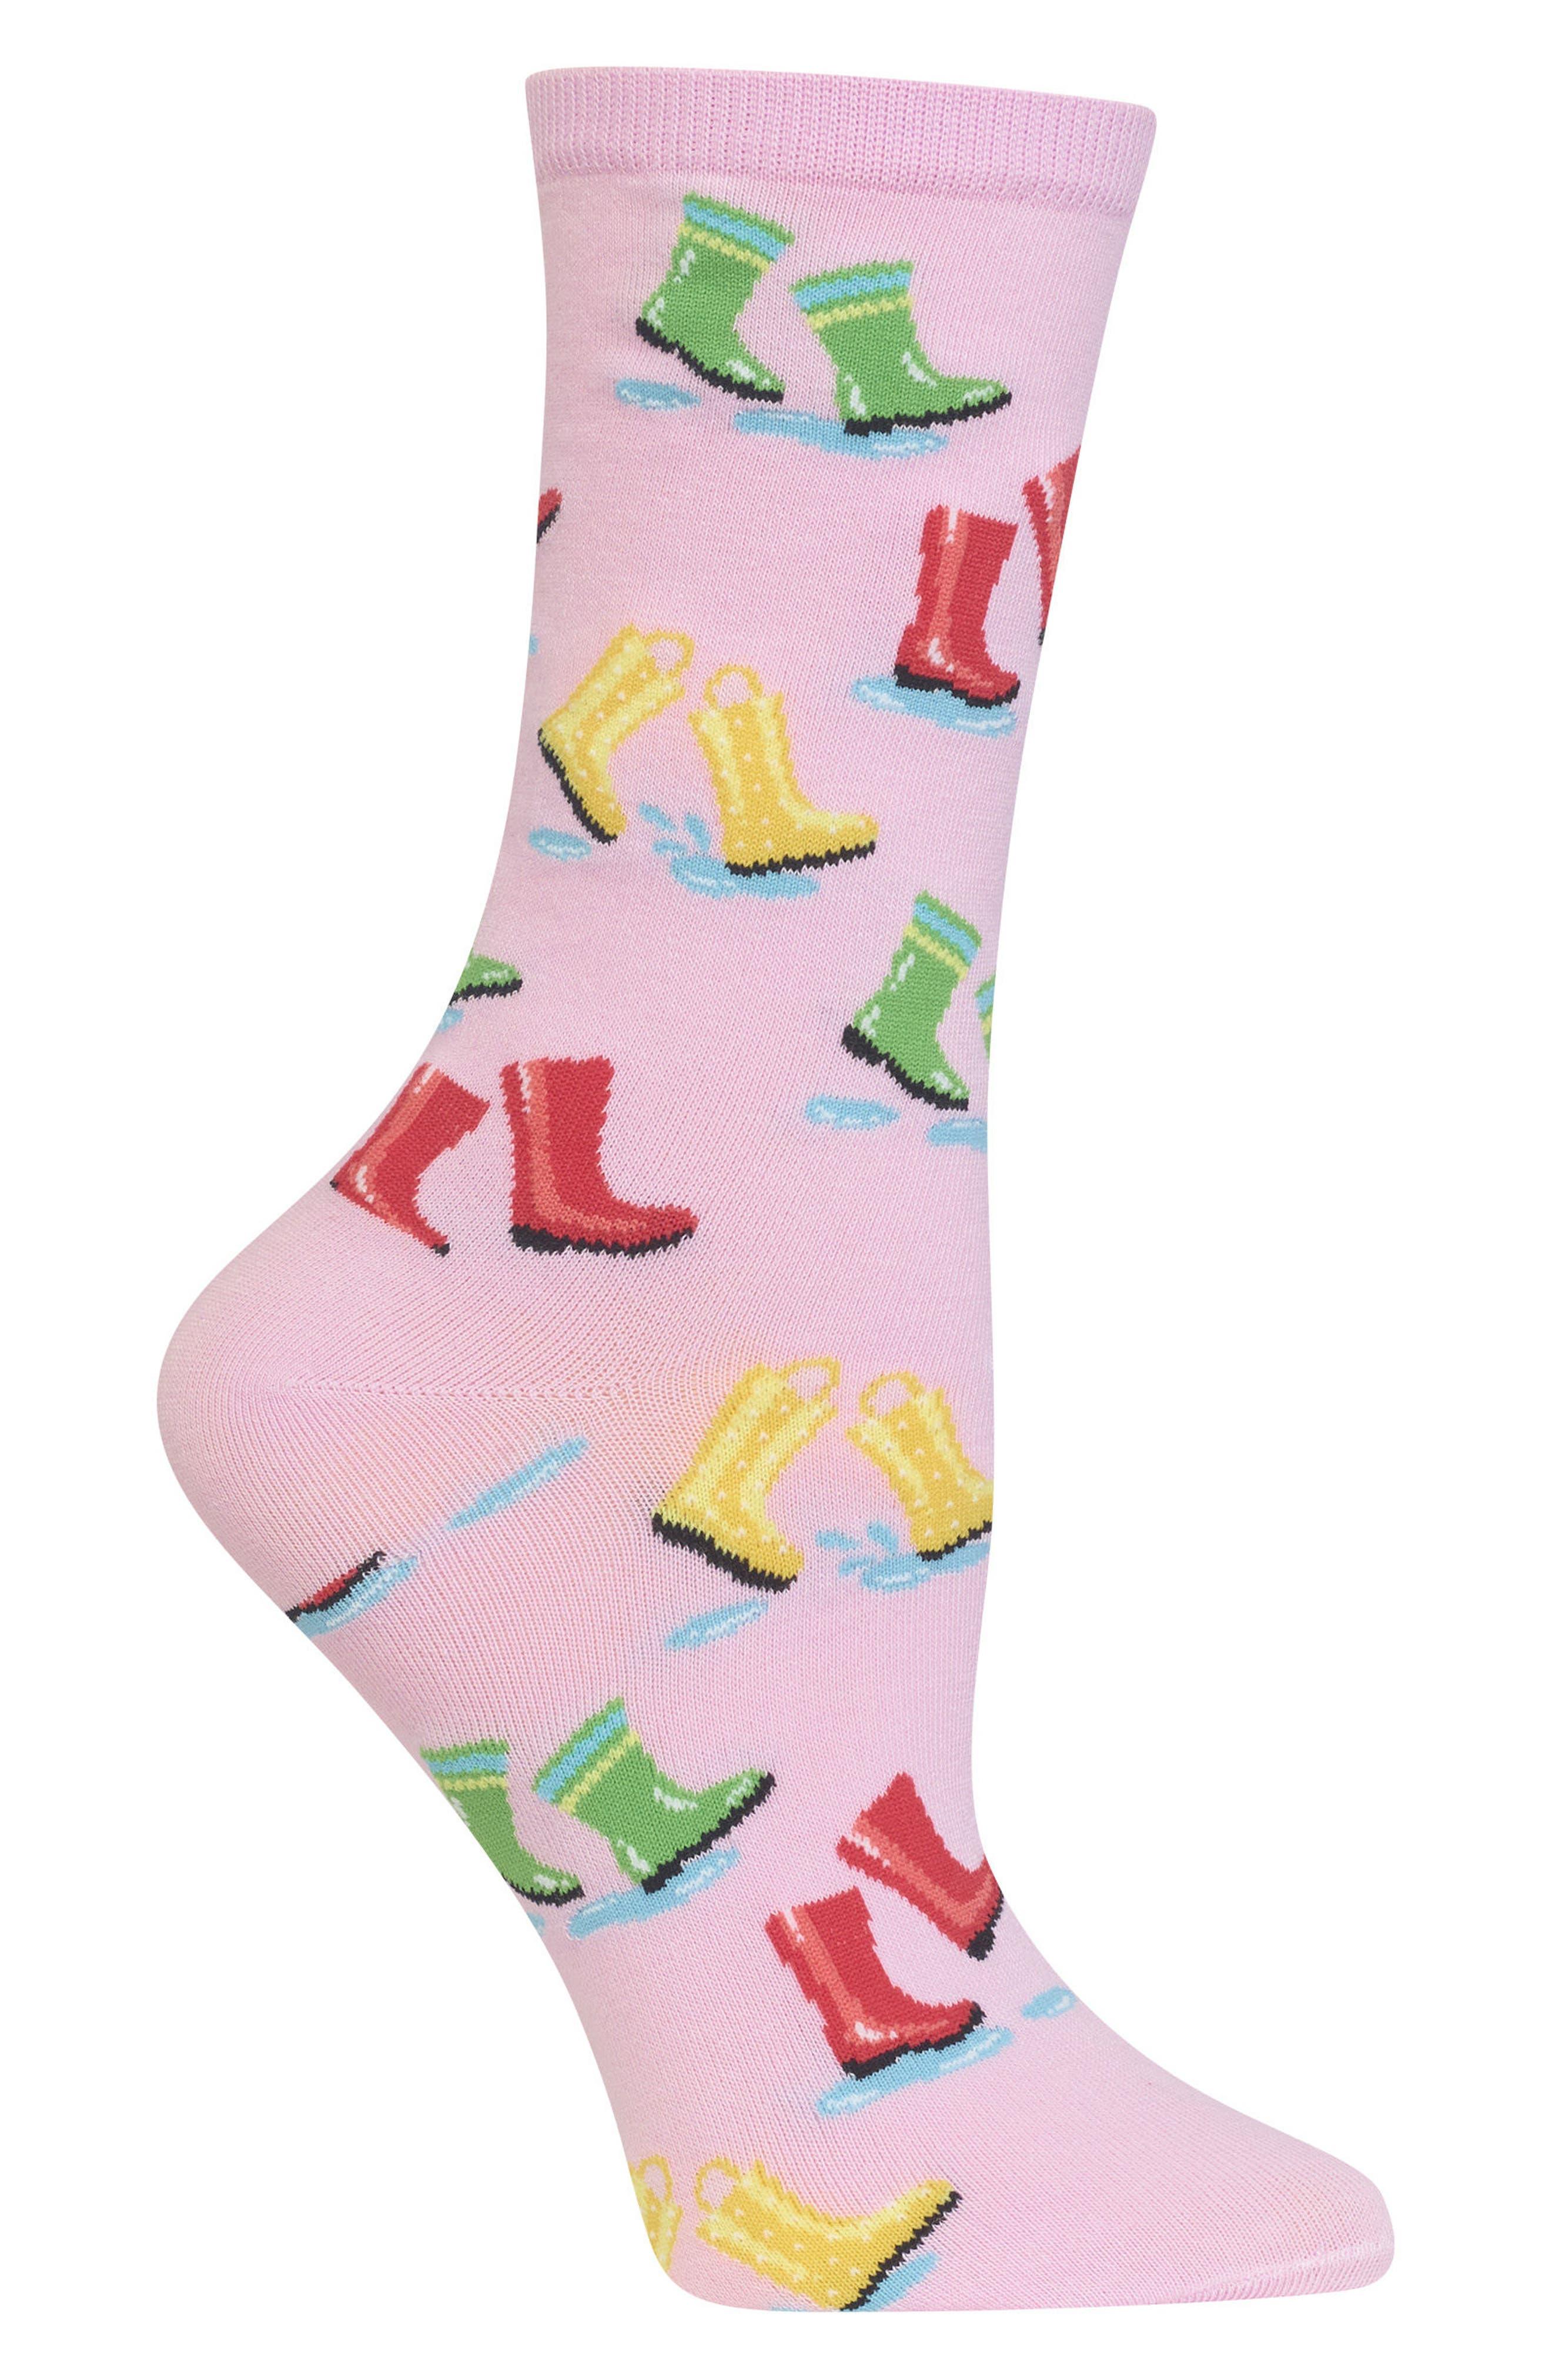 Rainboots Crew Socks,                             Alternate thumbnail 2, color,                             678